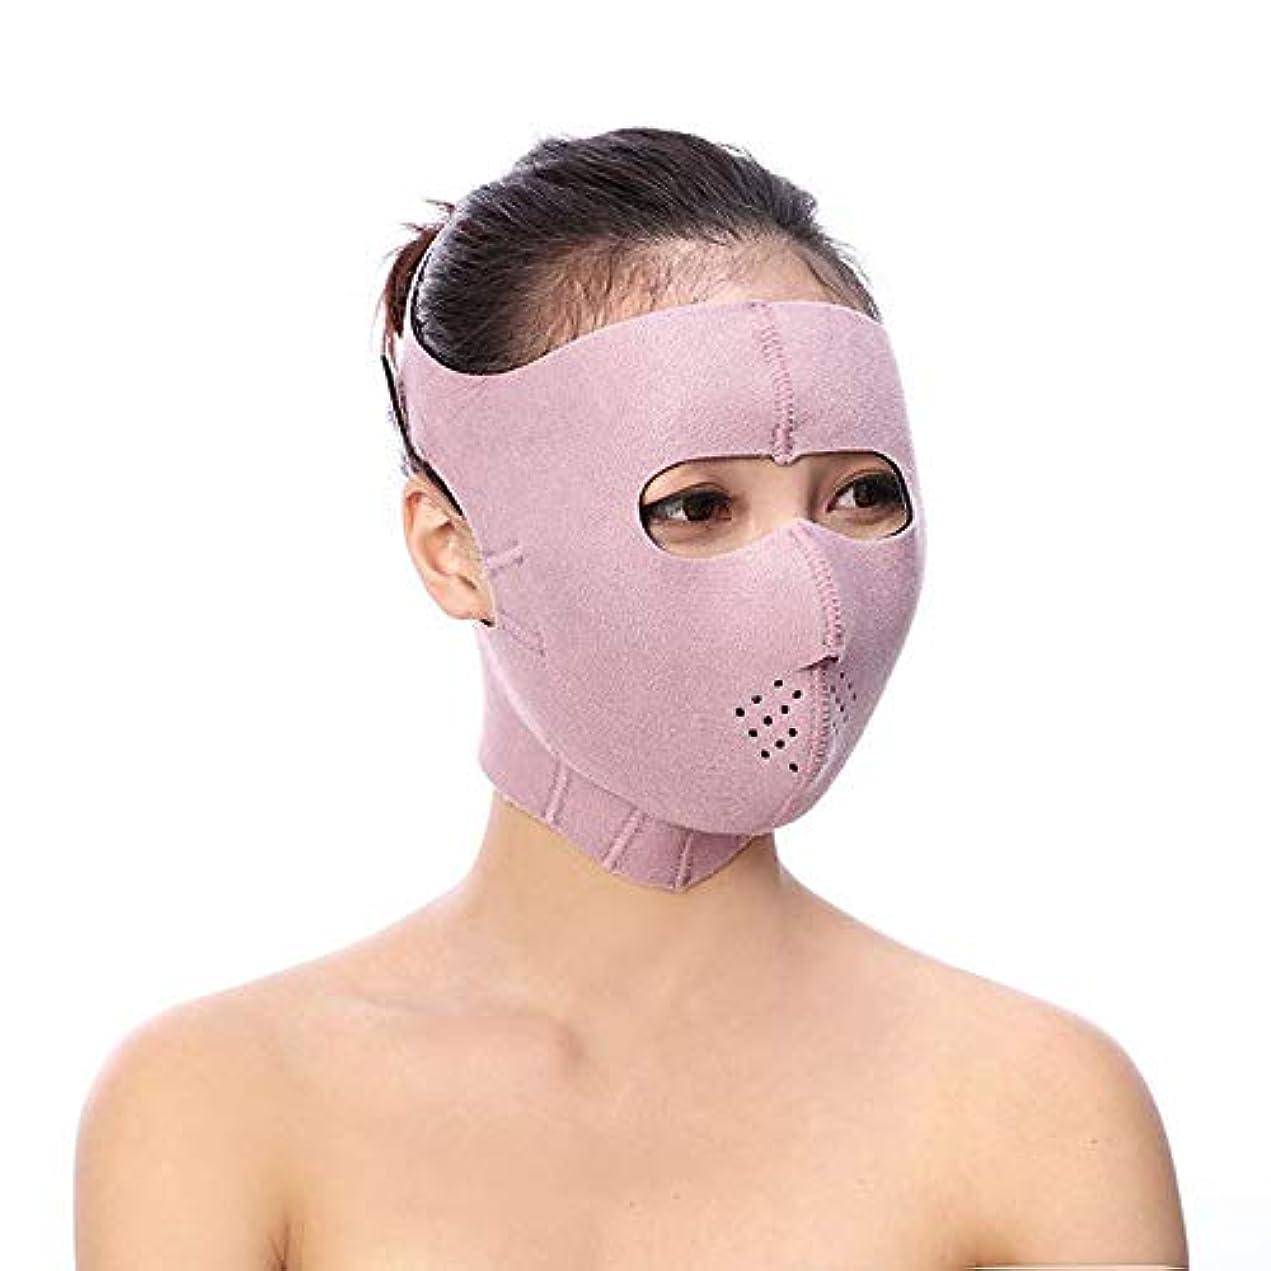 上院飾り羽公演Jia Jia- フェイシャルリフティング痩身ベルト - Vフェイス包帯マスクフェイシャルマッサージャー無料の薄いフェイス包帯整形マスクを引き締める顔と首の顔スリム 顔面包帯